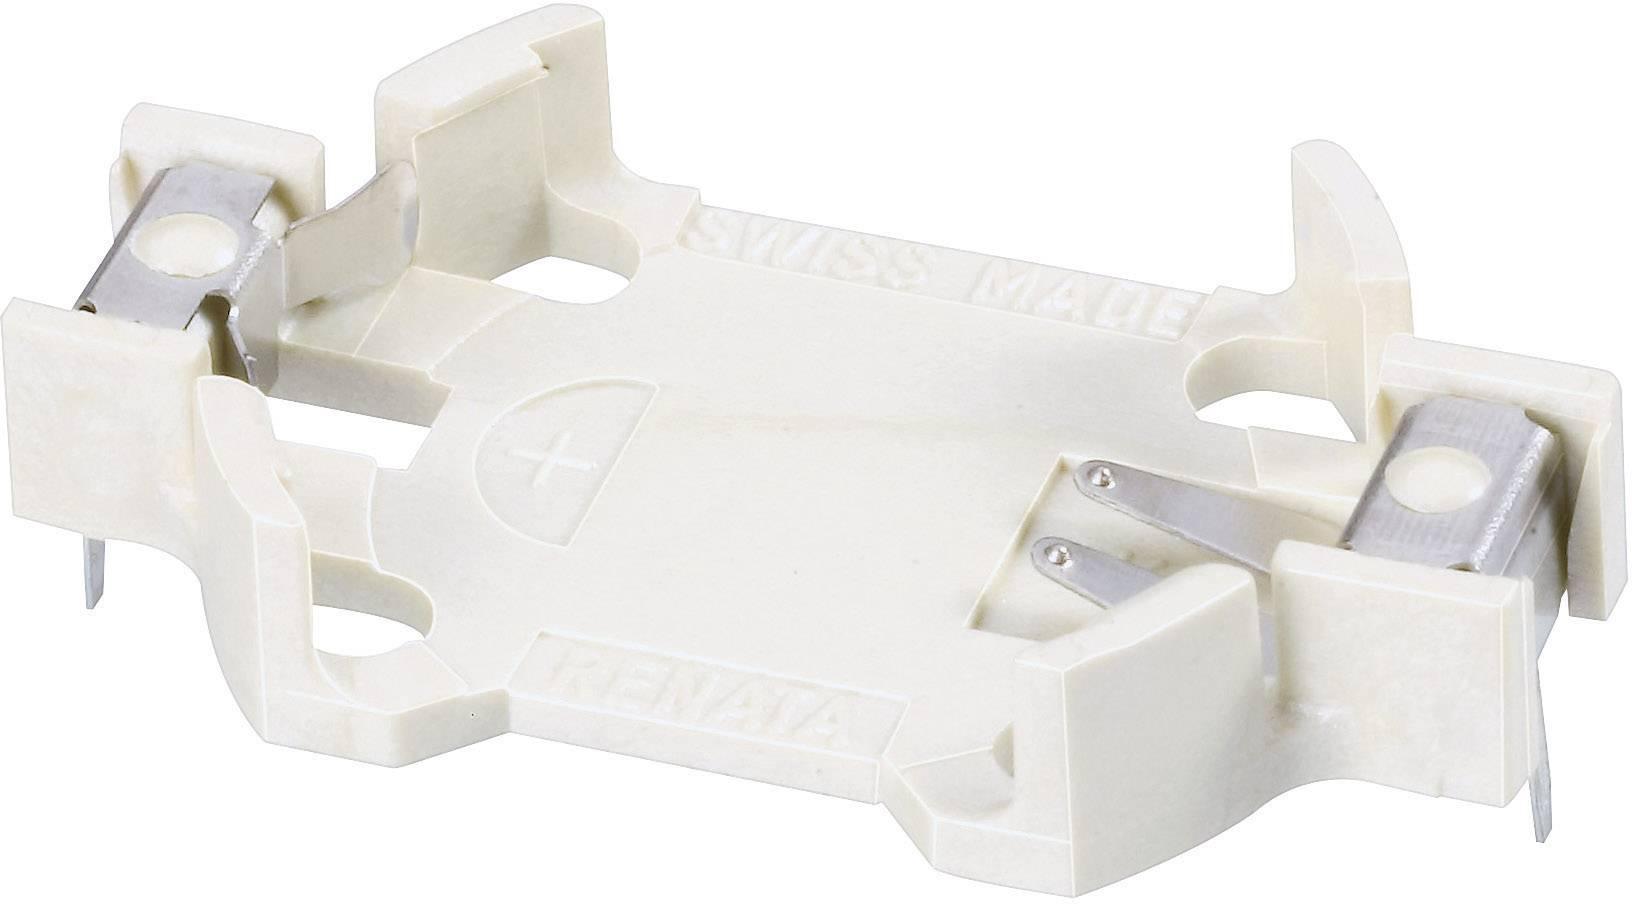 Držák na knoflíkovou baterii CR2032 Renata HU2032-LF, s pájecími kontakty